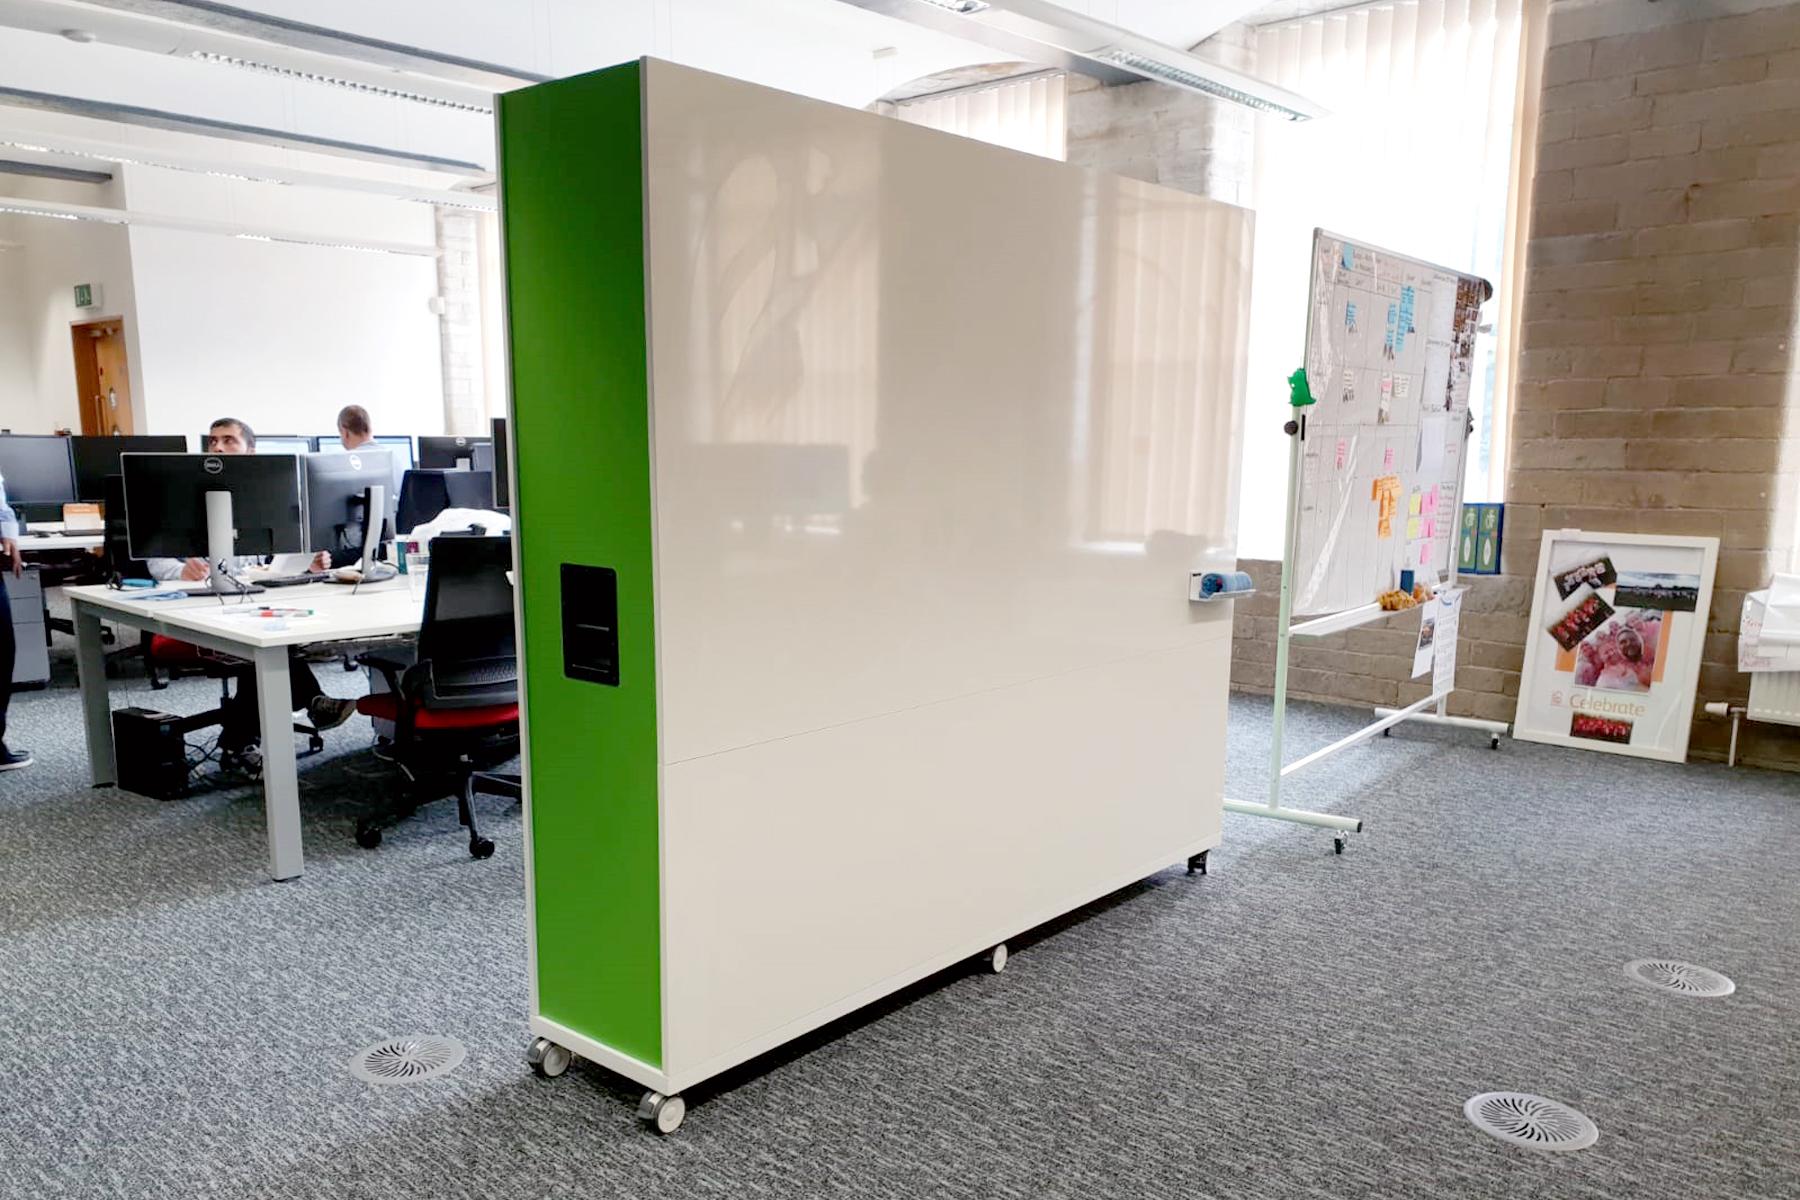 mobile whiteboard divider